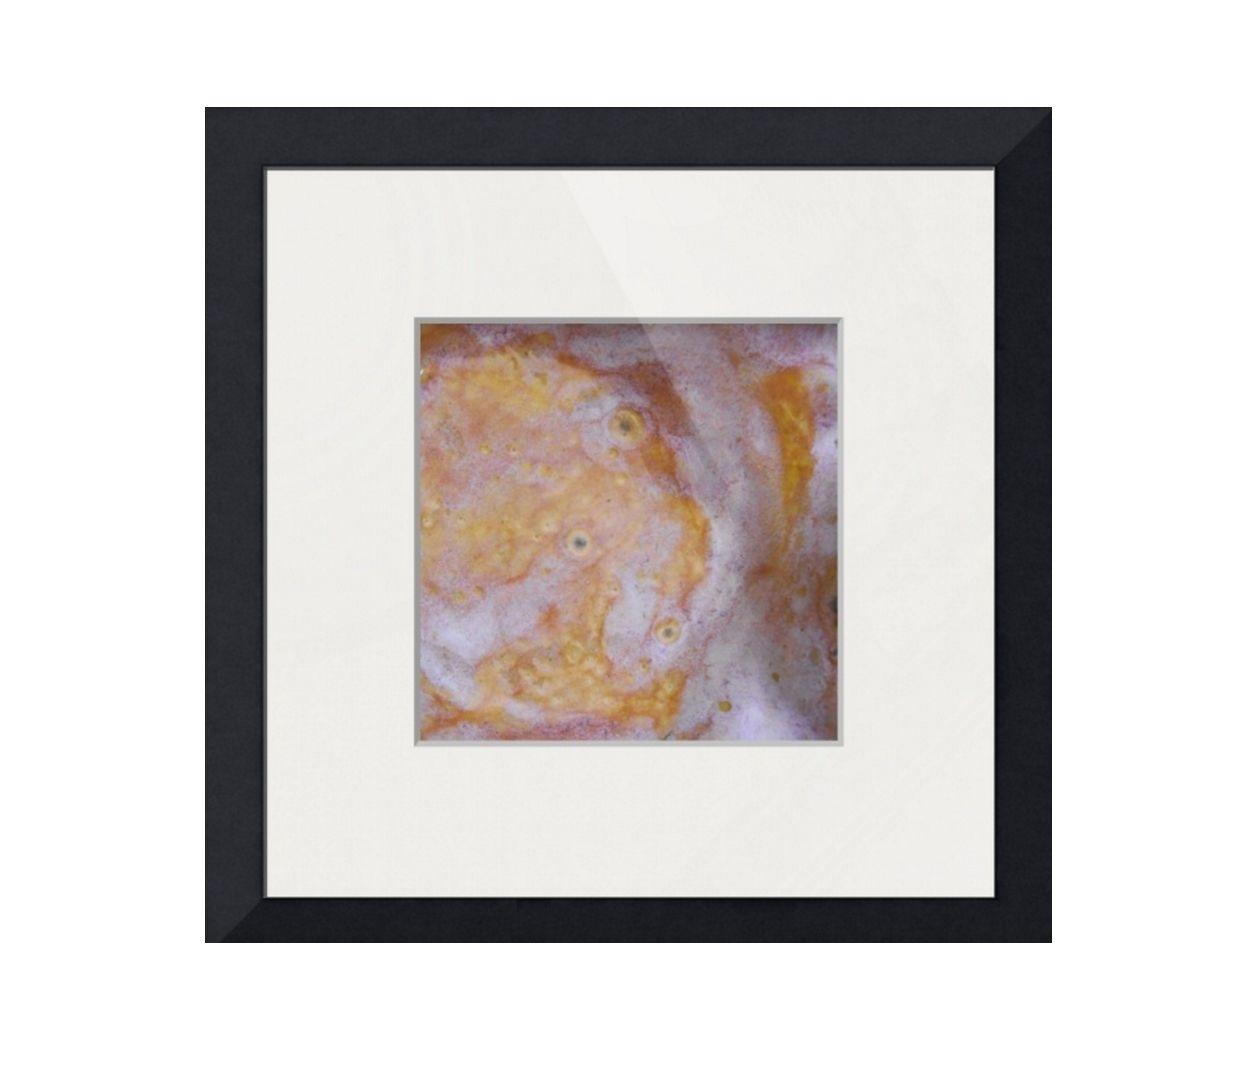 Orange Beige And White Modern Framed Prints | Rustic Artwork inside Current Framed Art Prints